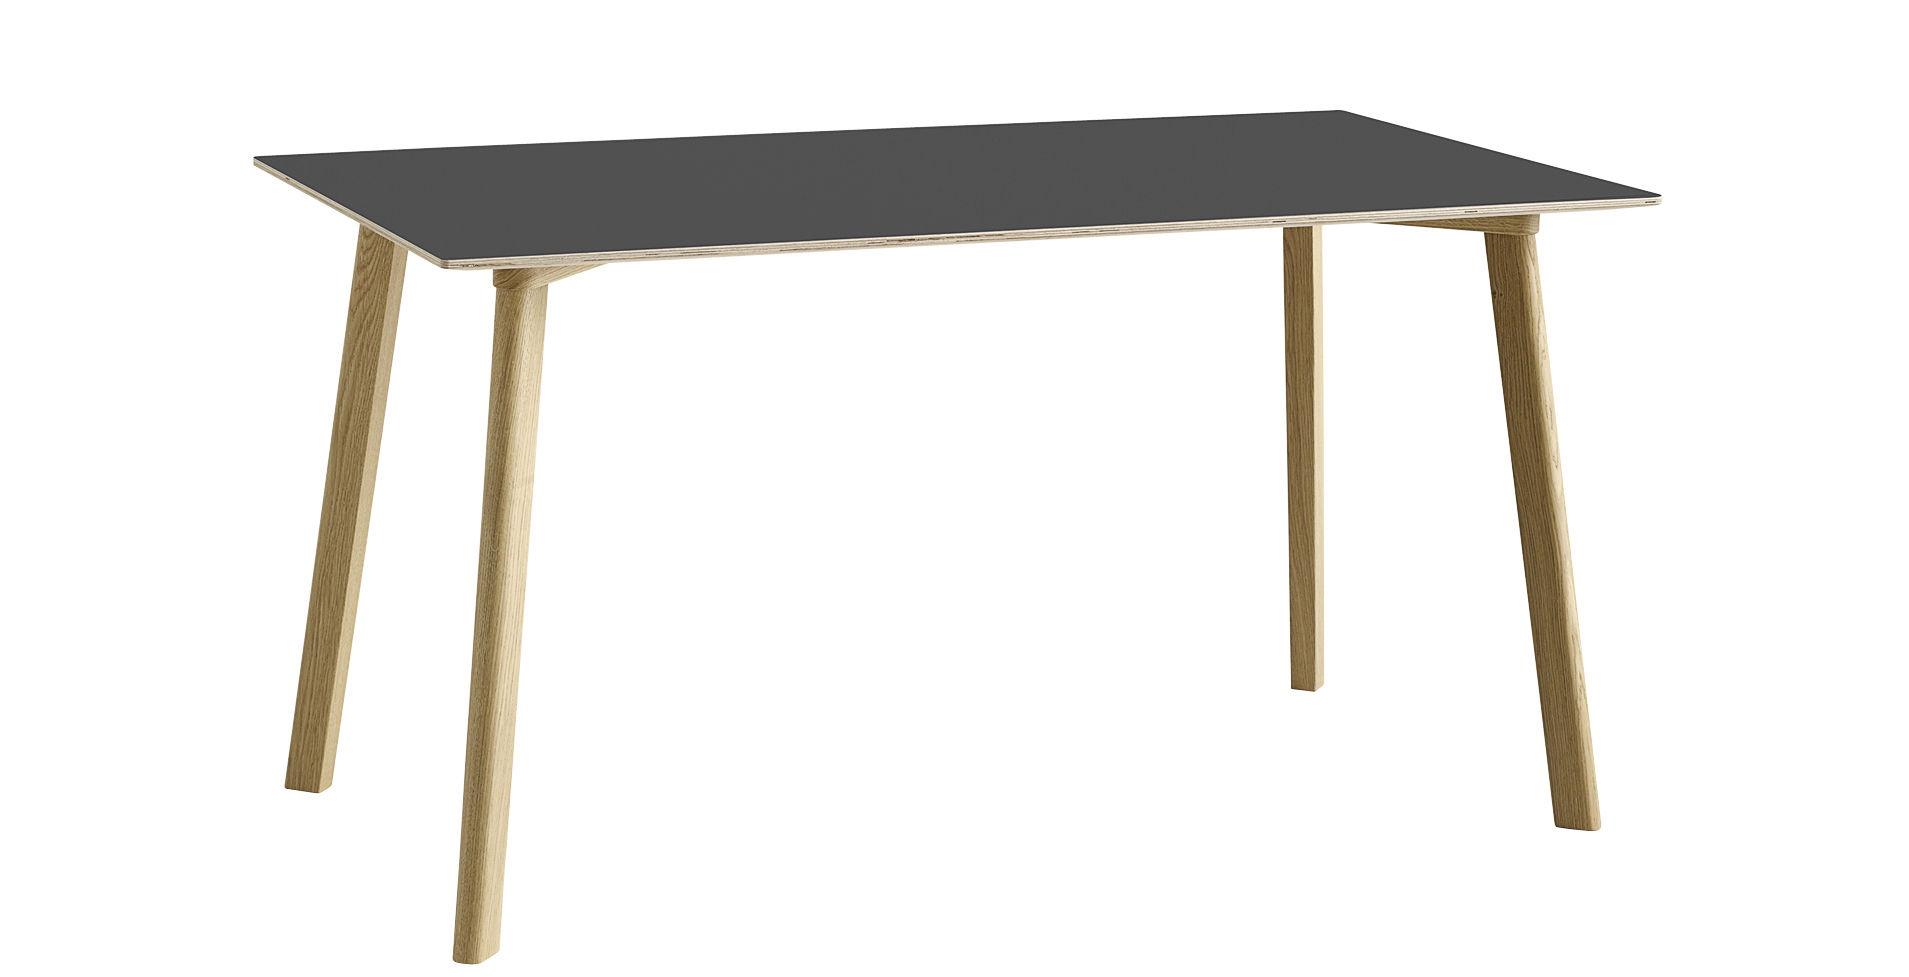 Trends - Essbereich: Neuheiten & Trends - Copenhague CPH DEUX 210 rechteckiger Tisch / 140 x 75 cm - Hay - Anthrazit / Eiche natur - Laminat, massive Eiche, Press-Spanplatte